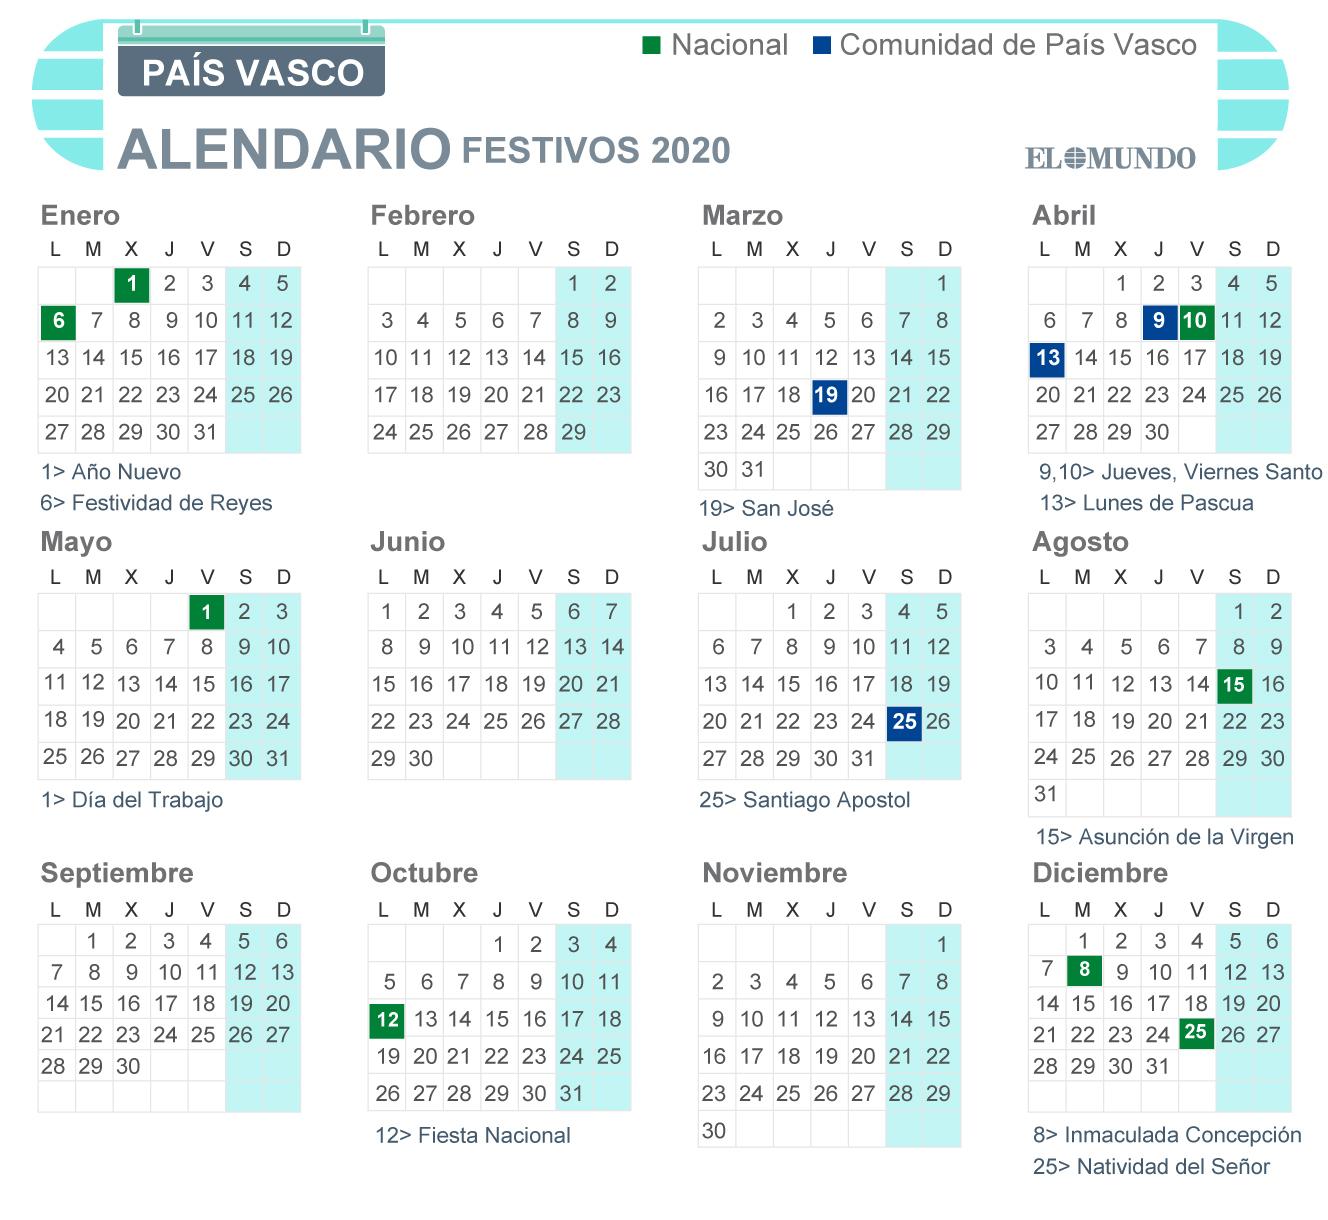 Calendario laboral de País Vasco 2020